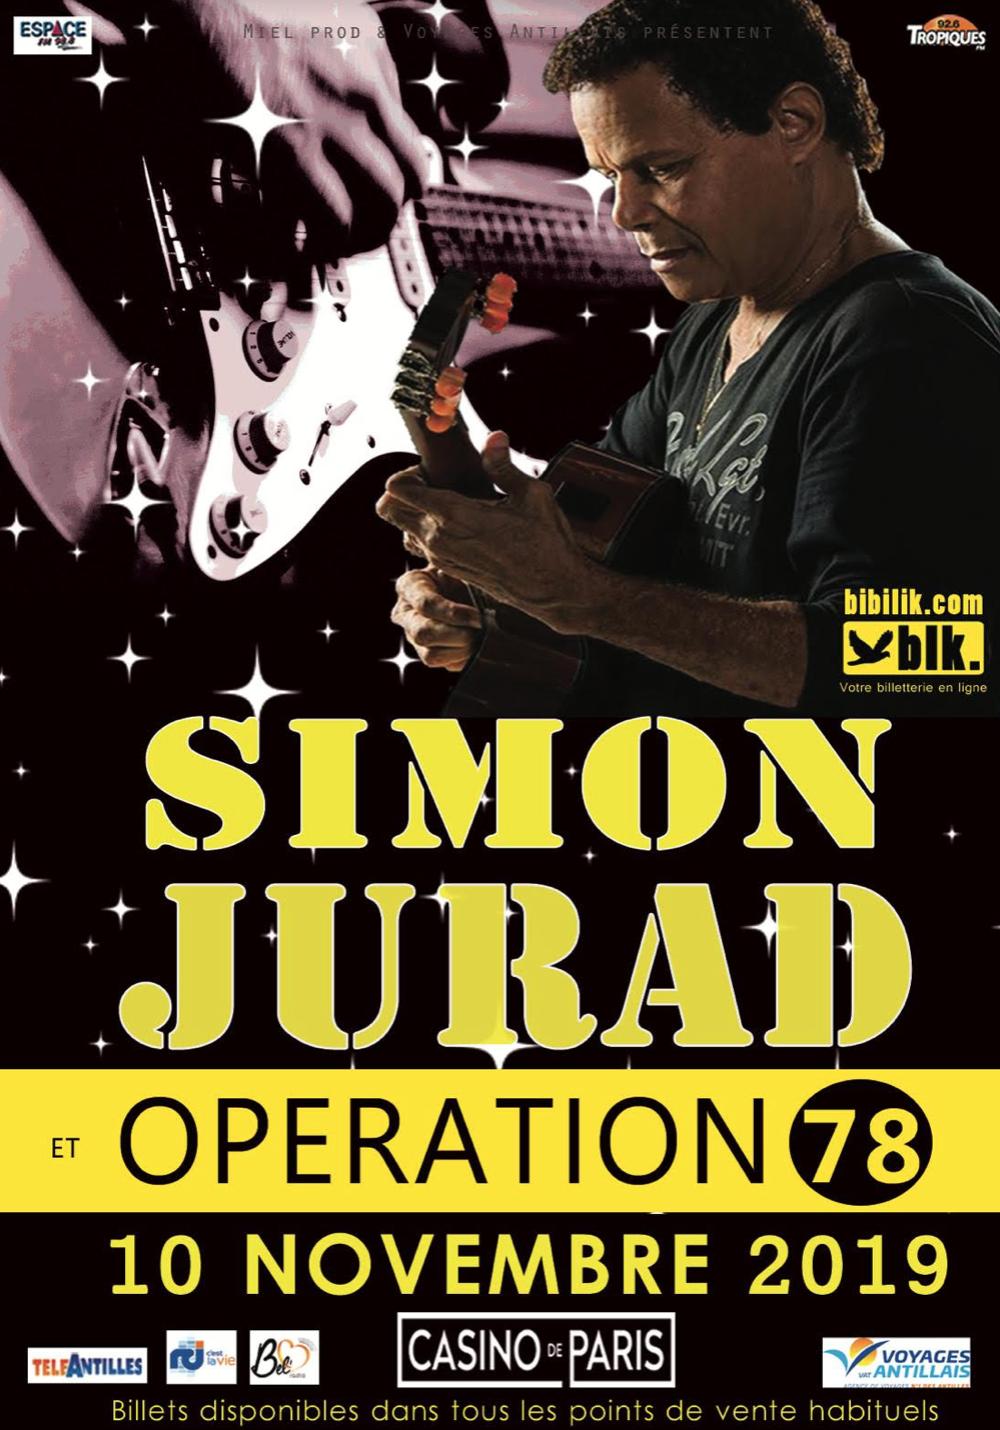 Opération 78, Simon Jurad – Concert exceptionnel – Paris le 10 novembre